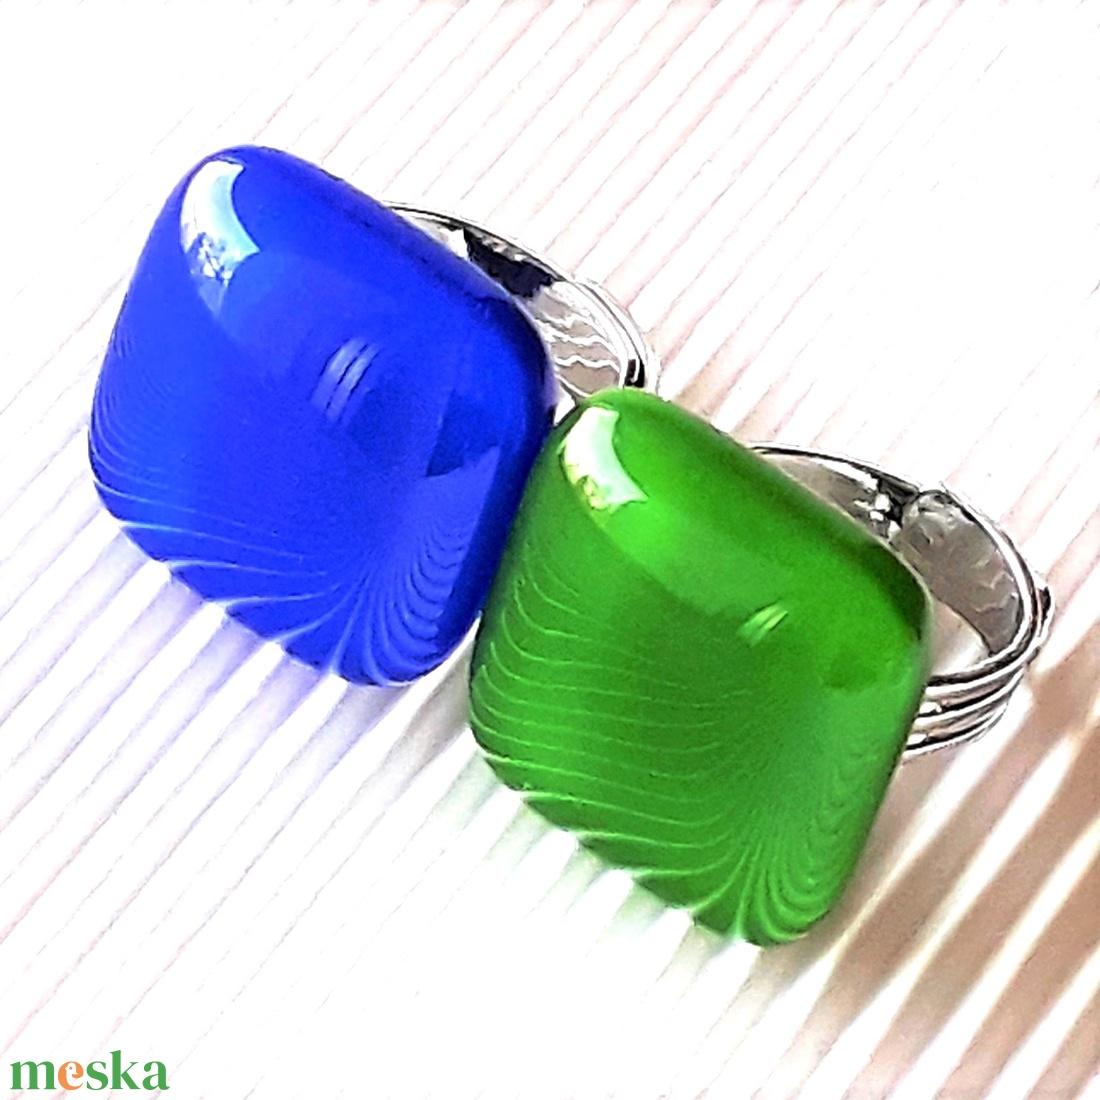 Királykék és fűzöld üveg gyűrűk szettben, üvegékszer szett - ékszer - gyűrű - statement gyűrű - Meska.hu